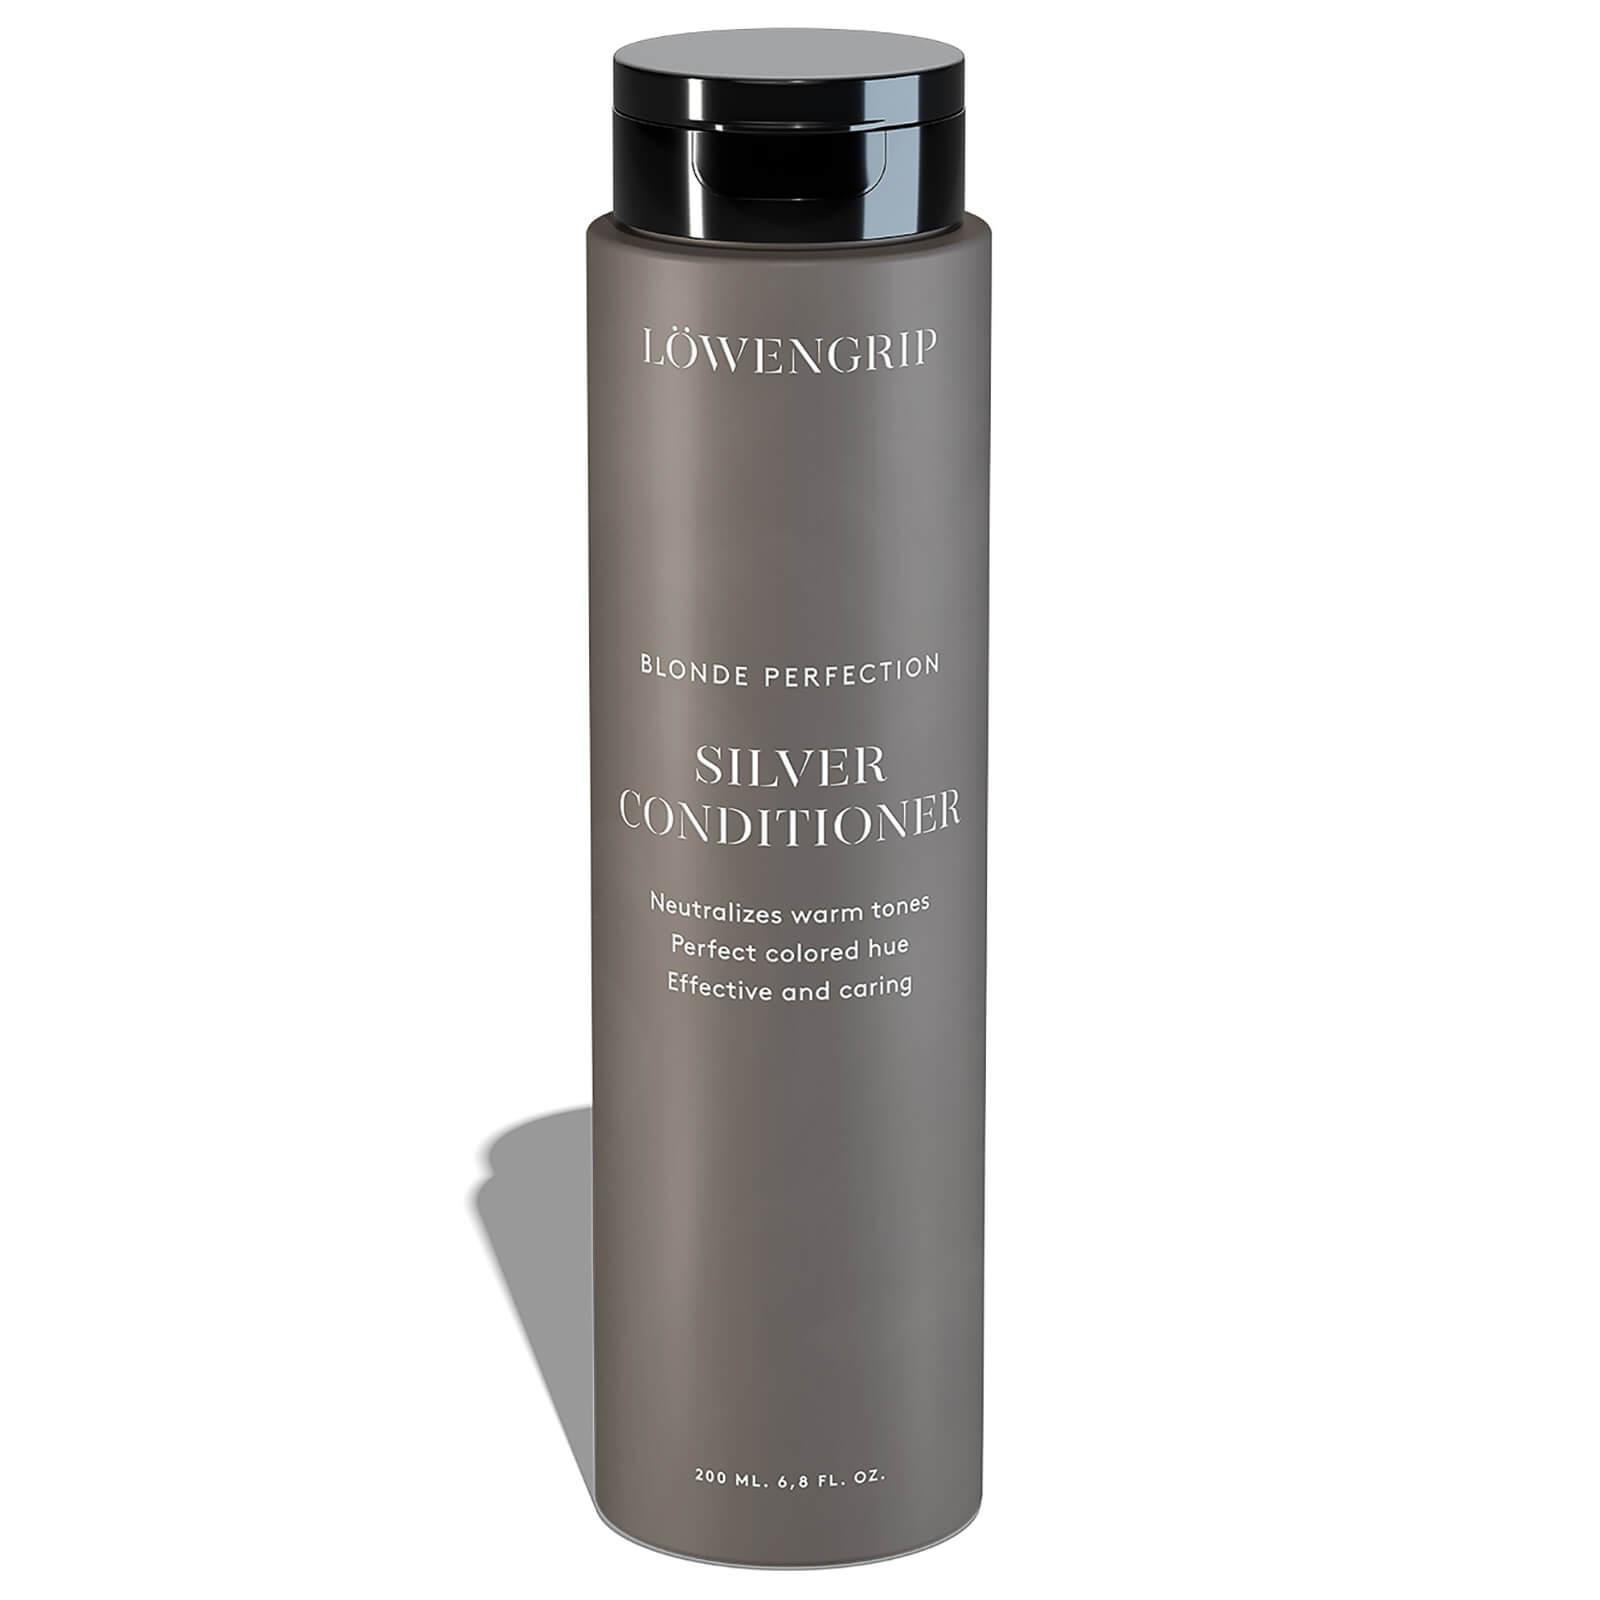 Купить Löwengrip Blonde Perfection Silver Conditioner200ml